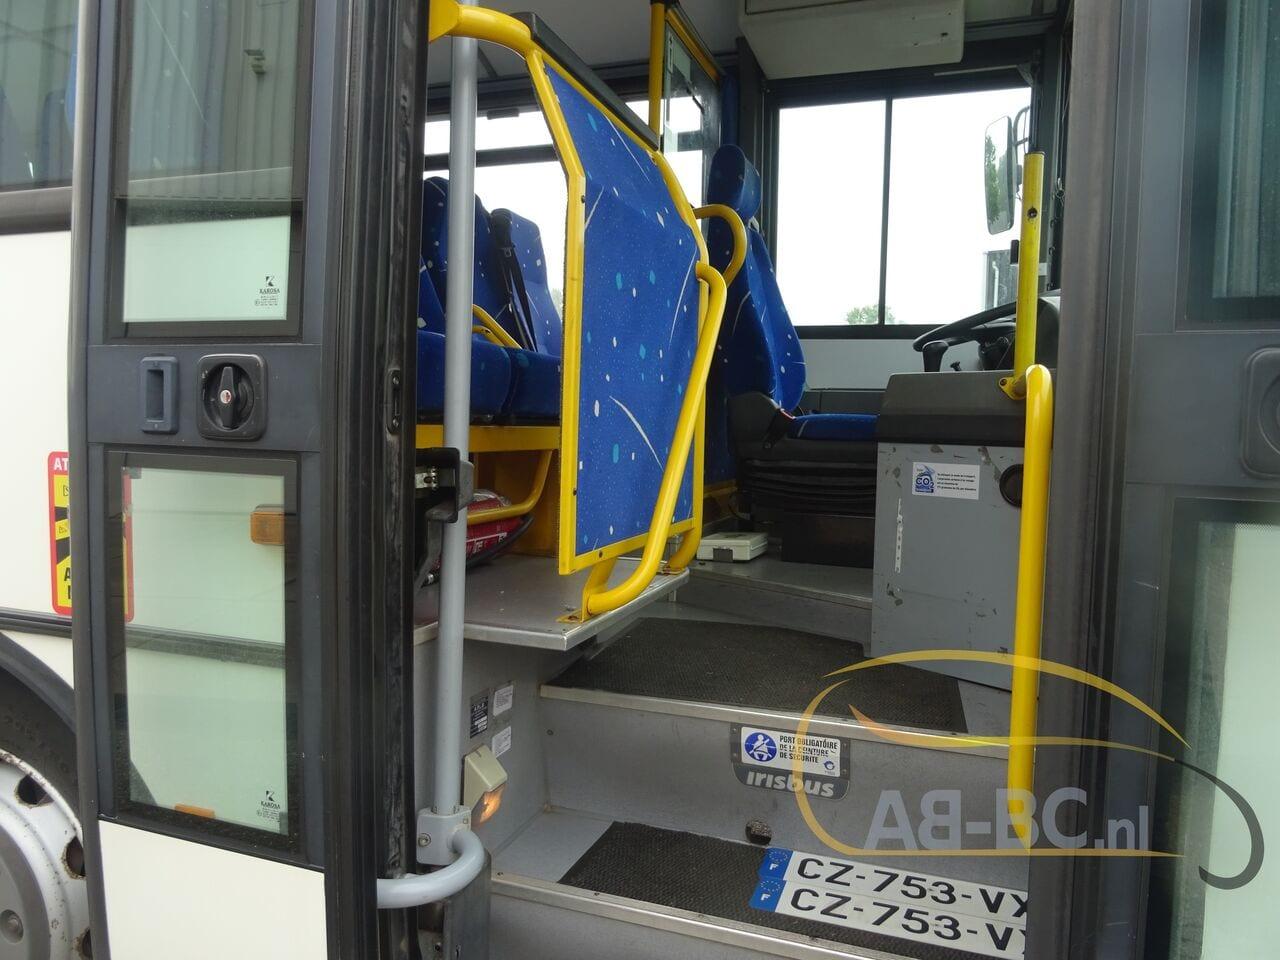 interurban-busIVECO-Irisbus-Recreo-64-Seats---1626159959390840305_big_f03a87ec88193c7a38645cb12d7d197d--21071309575983154500